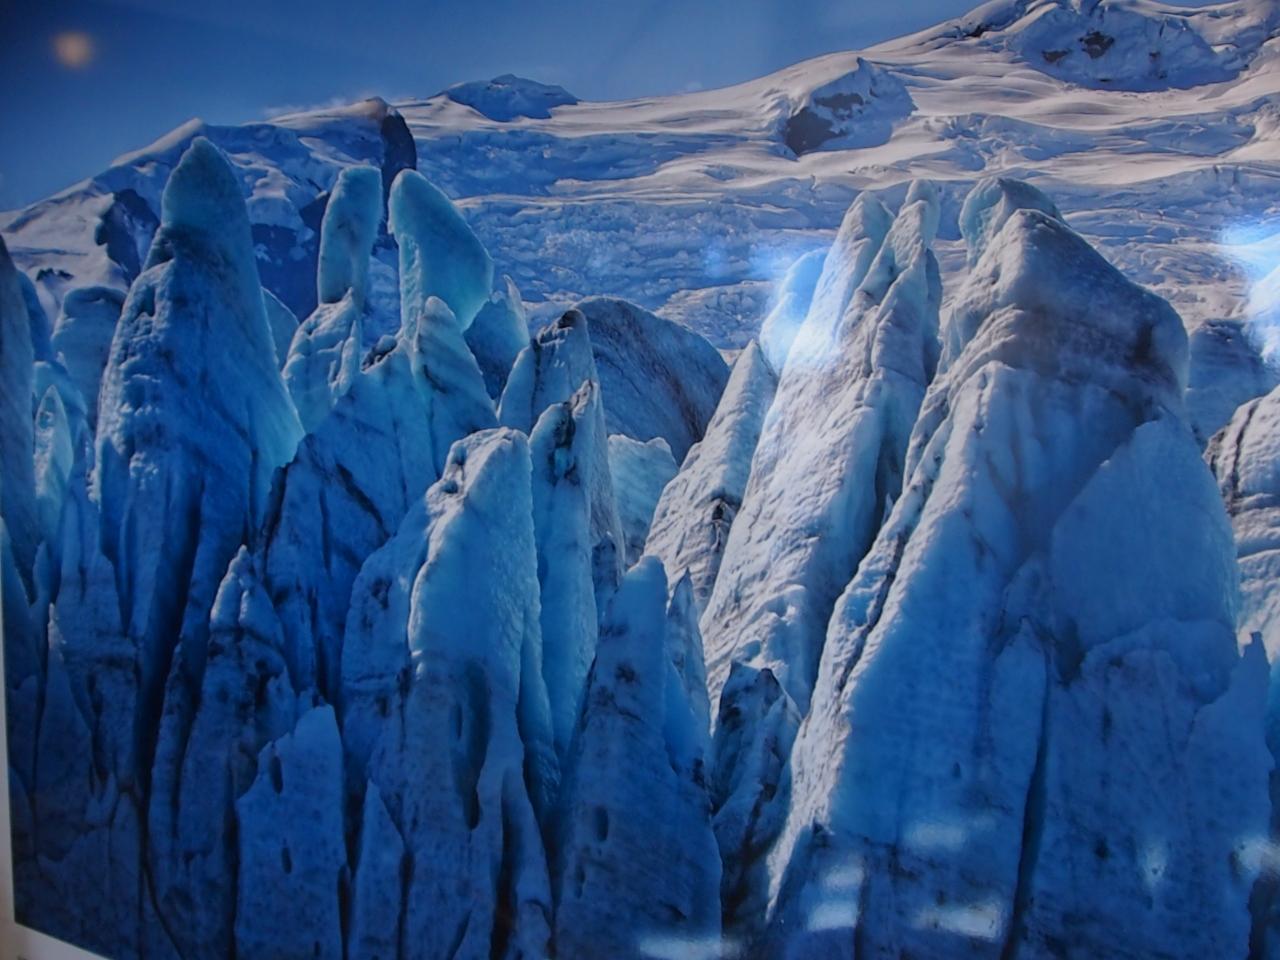 アイスランドー「自然」にいちばん近い地...